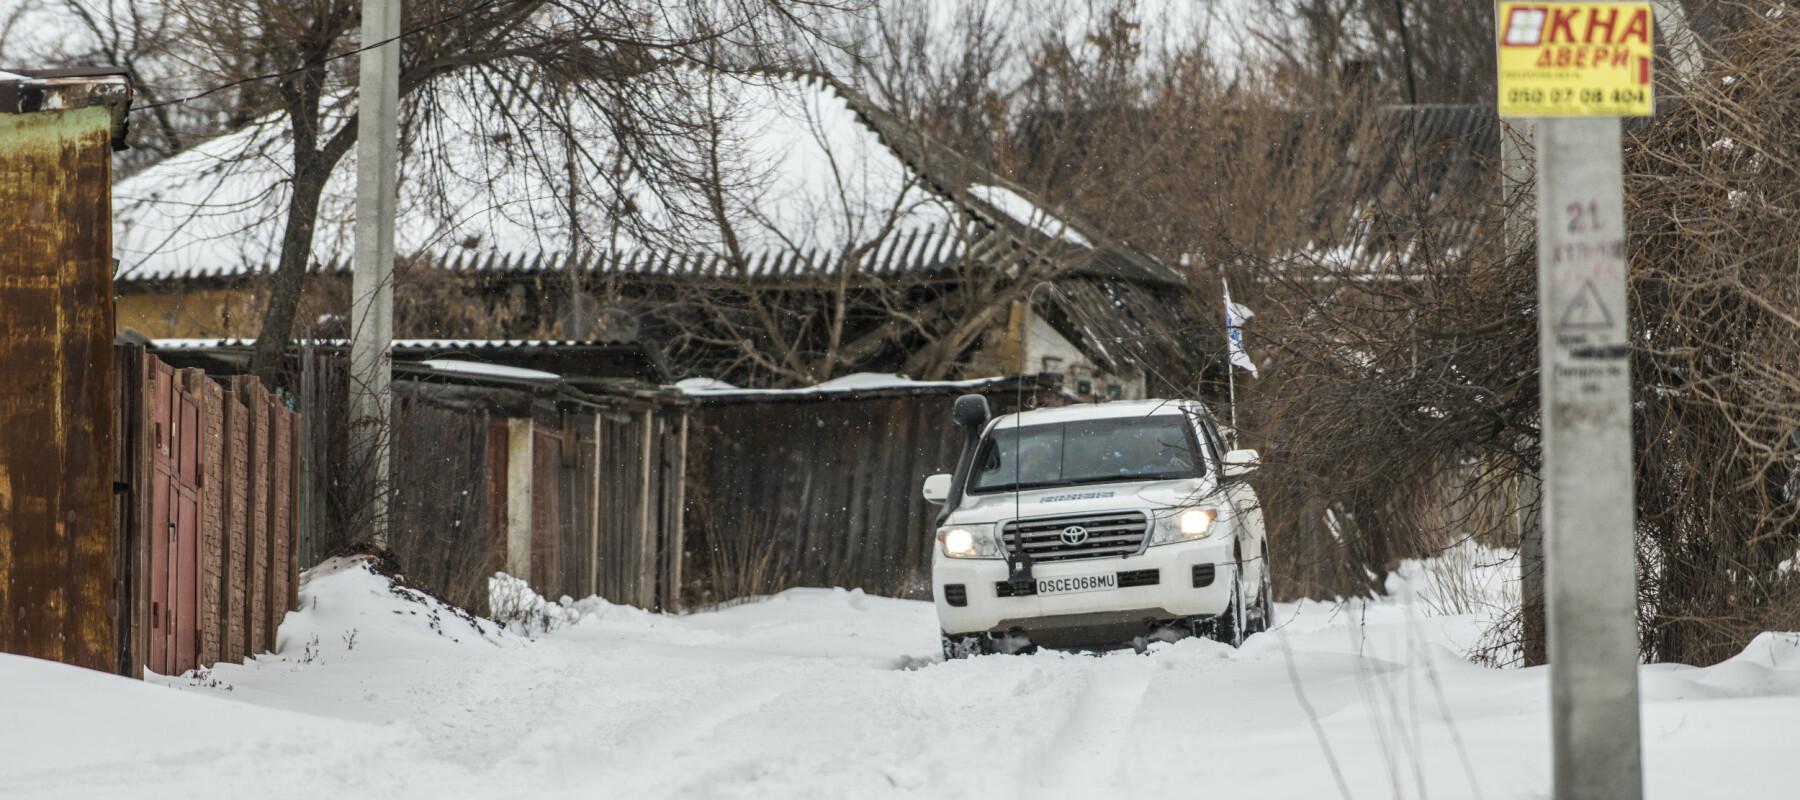 Flere tusen bor i det som kalles gråsonen – den smale landstripa mellom ukrainske styrker og opprørsstyrker. 100 bor i denne landsbyen: Katerynivka.  Østfronten. En norsk generalløytnant (Arne Bård Dalhaug) passer på våpenhvilen i Øst-Ukraina. Den brytes hver dag. Organisasjonen for sikkerhet og samarbeid i Europa (OSSE) har 700 observatører i Øst-Ukraina – på begge sider av frontlinja. 20 er norske.